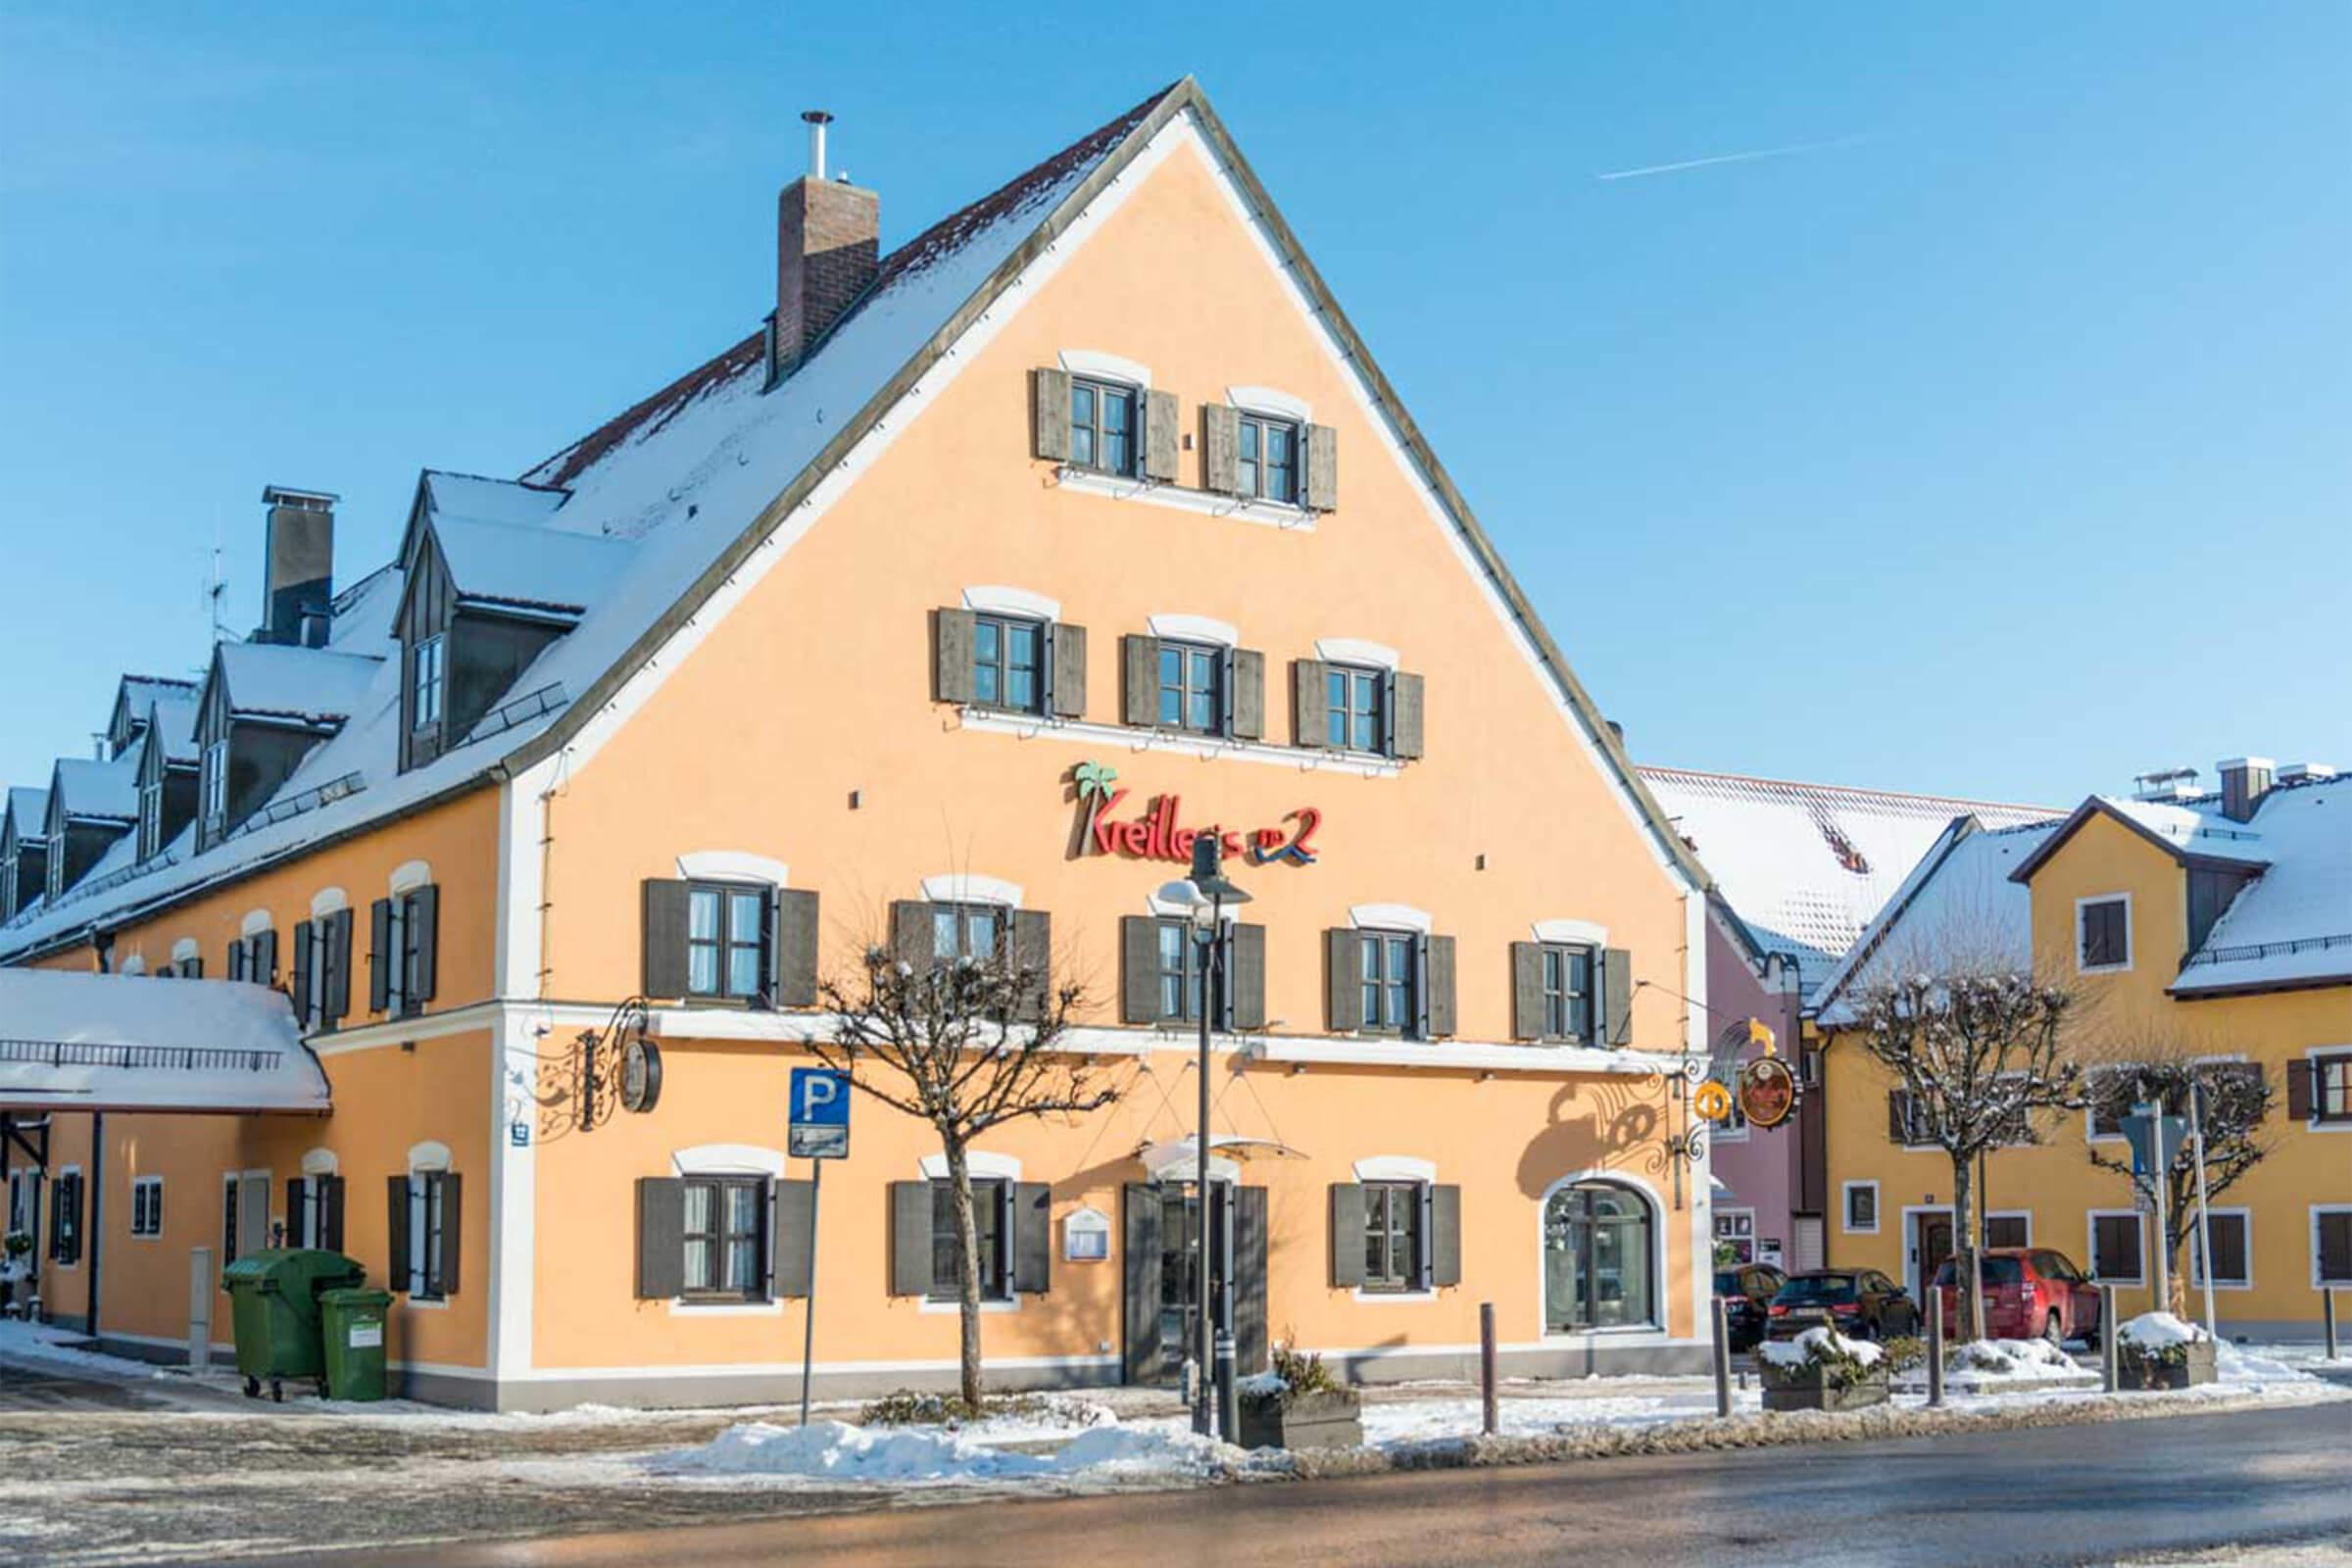 Wandinger Hof